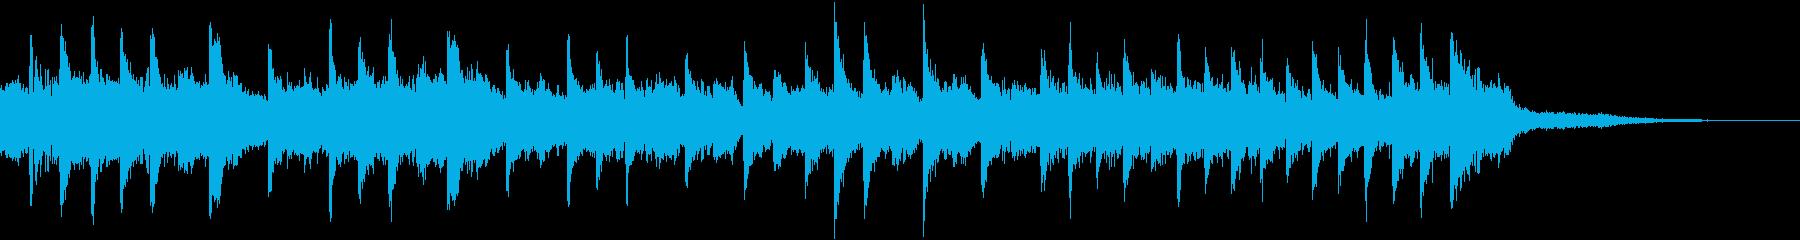 ホラー系アレンジのラフマニノフ「鐘」の再生済みの波形